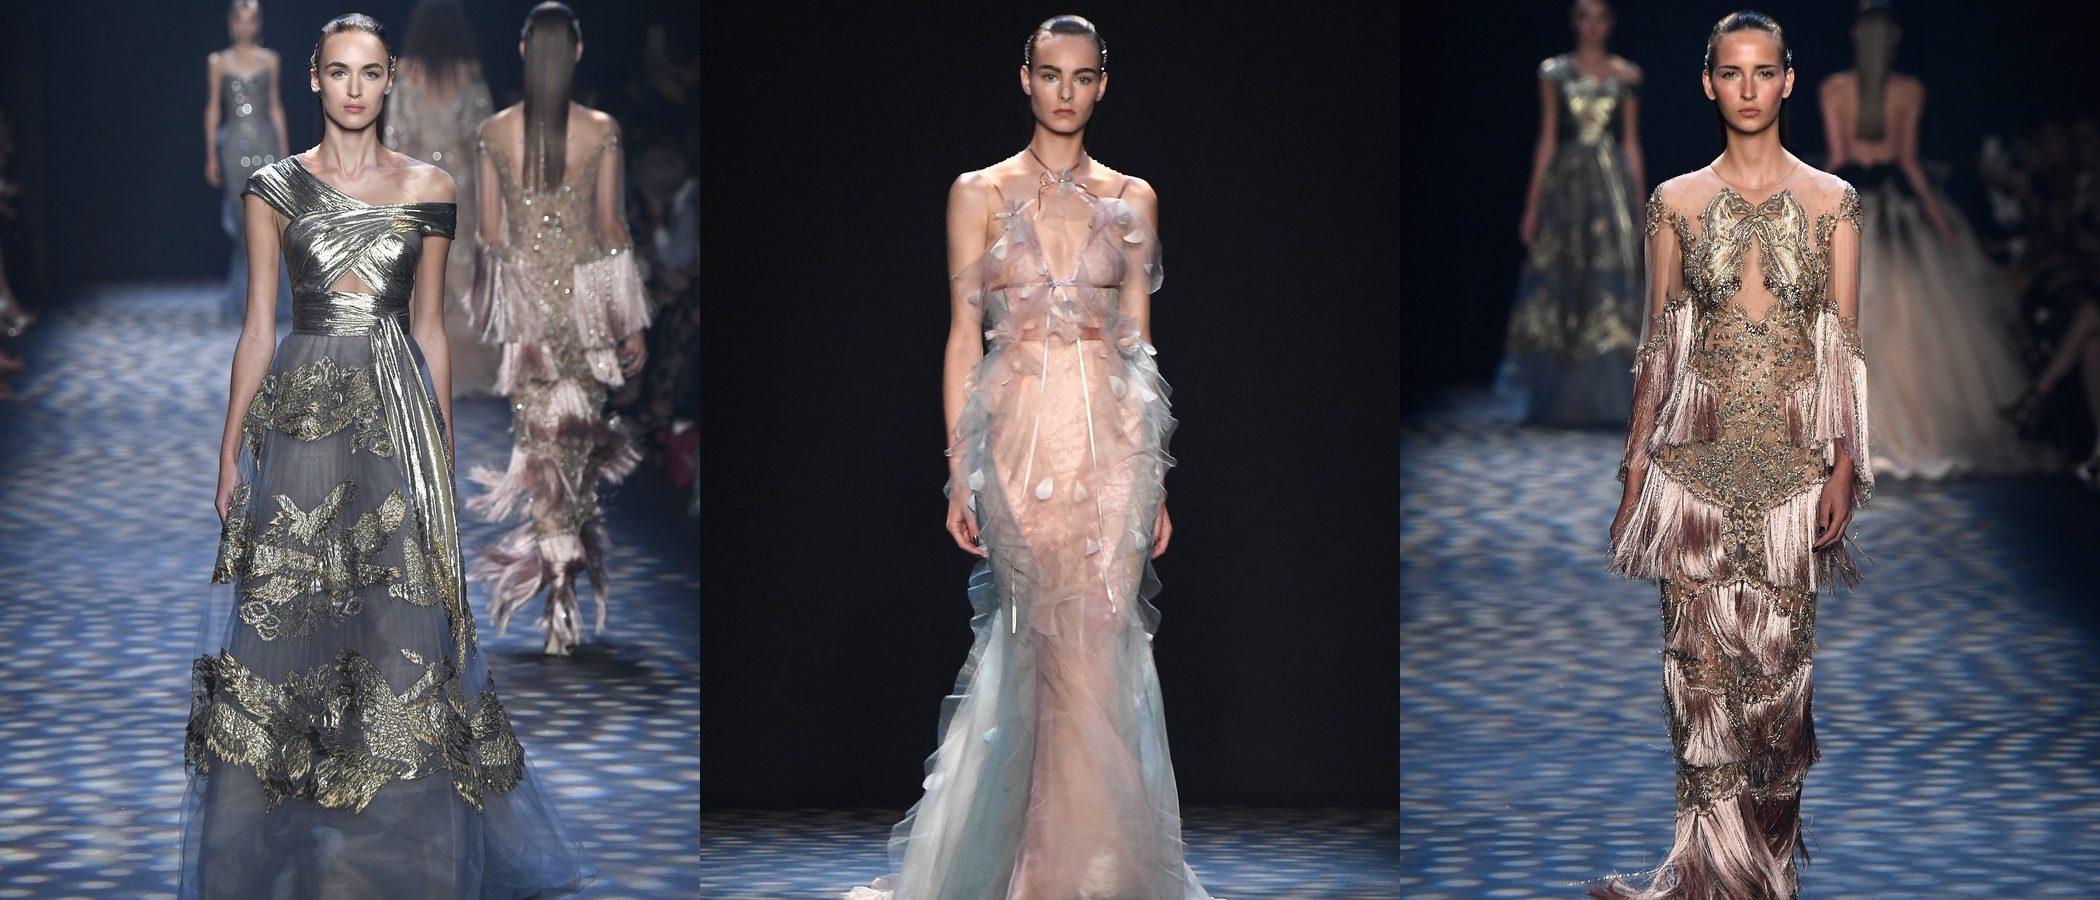 Los cuentos de princesas desfilan en la New York Fashion Week con Marchesa